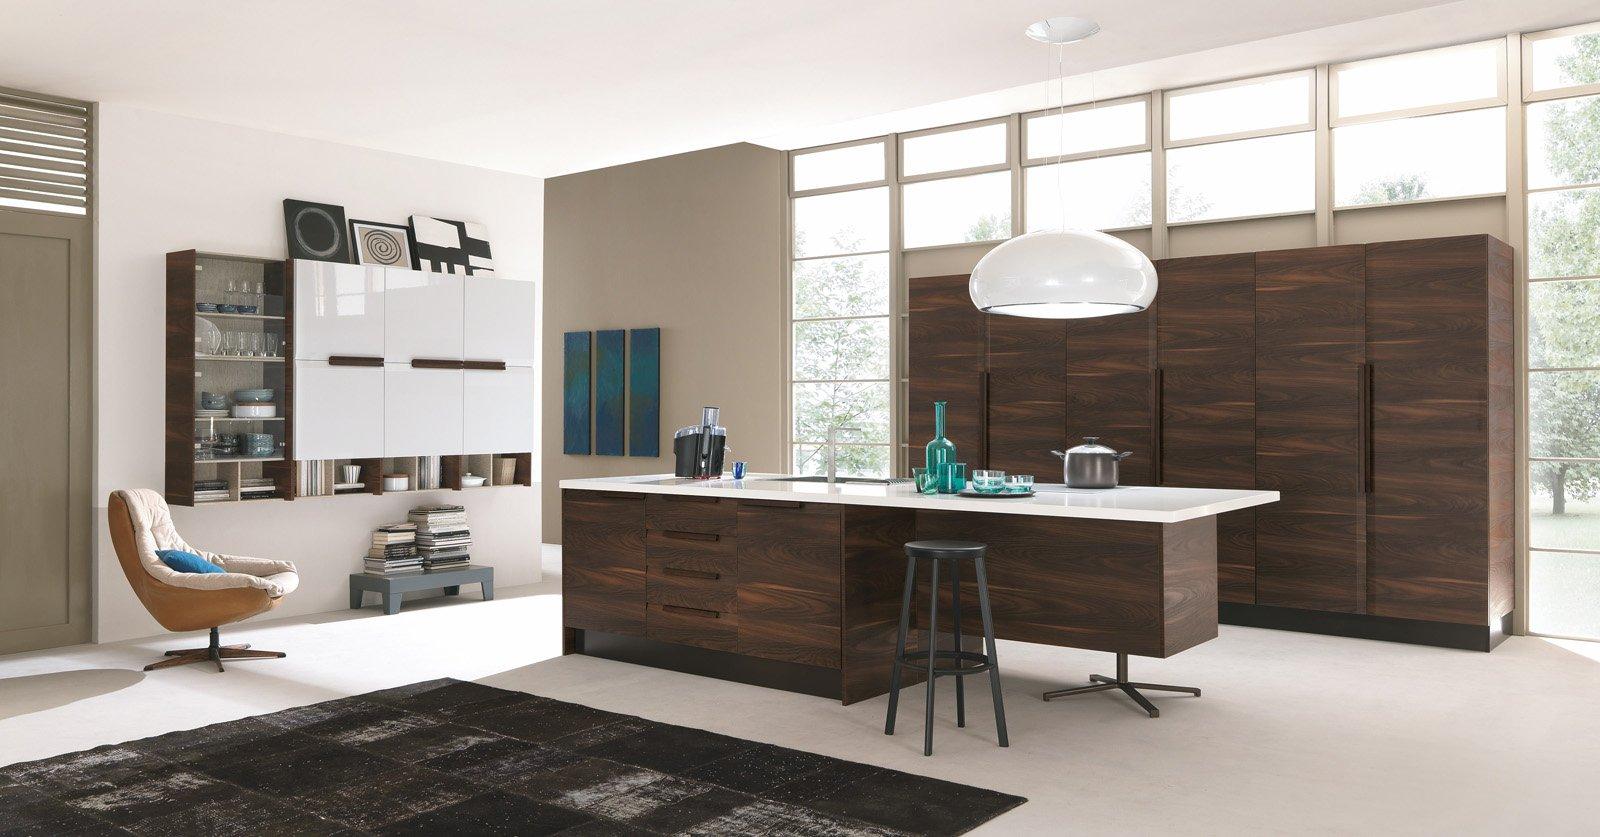 Cucina in legno moderna o classica cose di casa - Dipingere ante cucina in legno ...